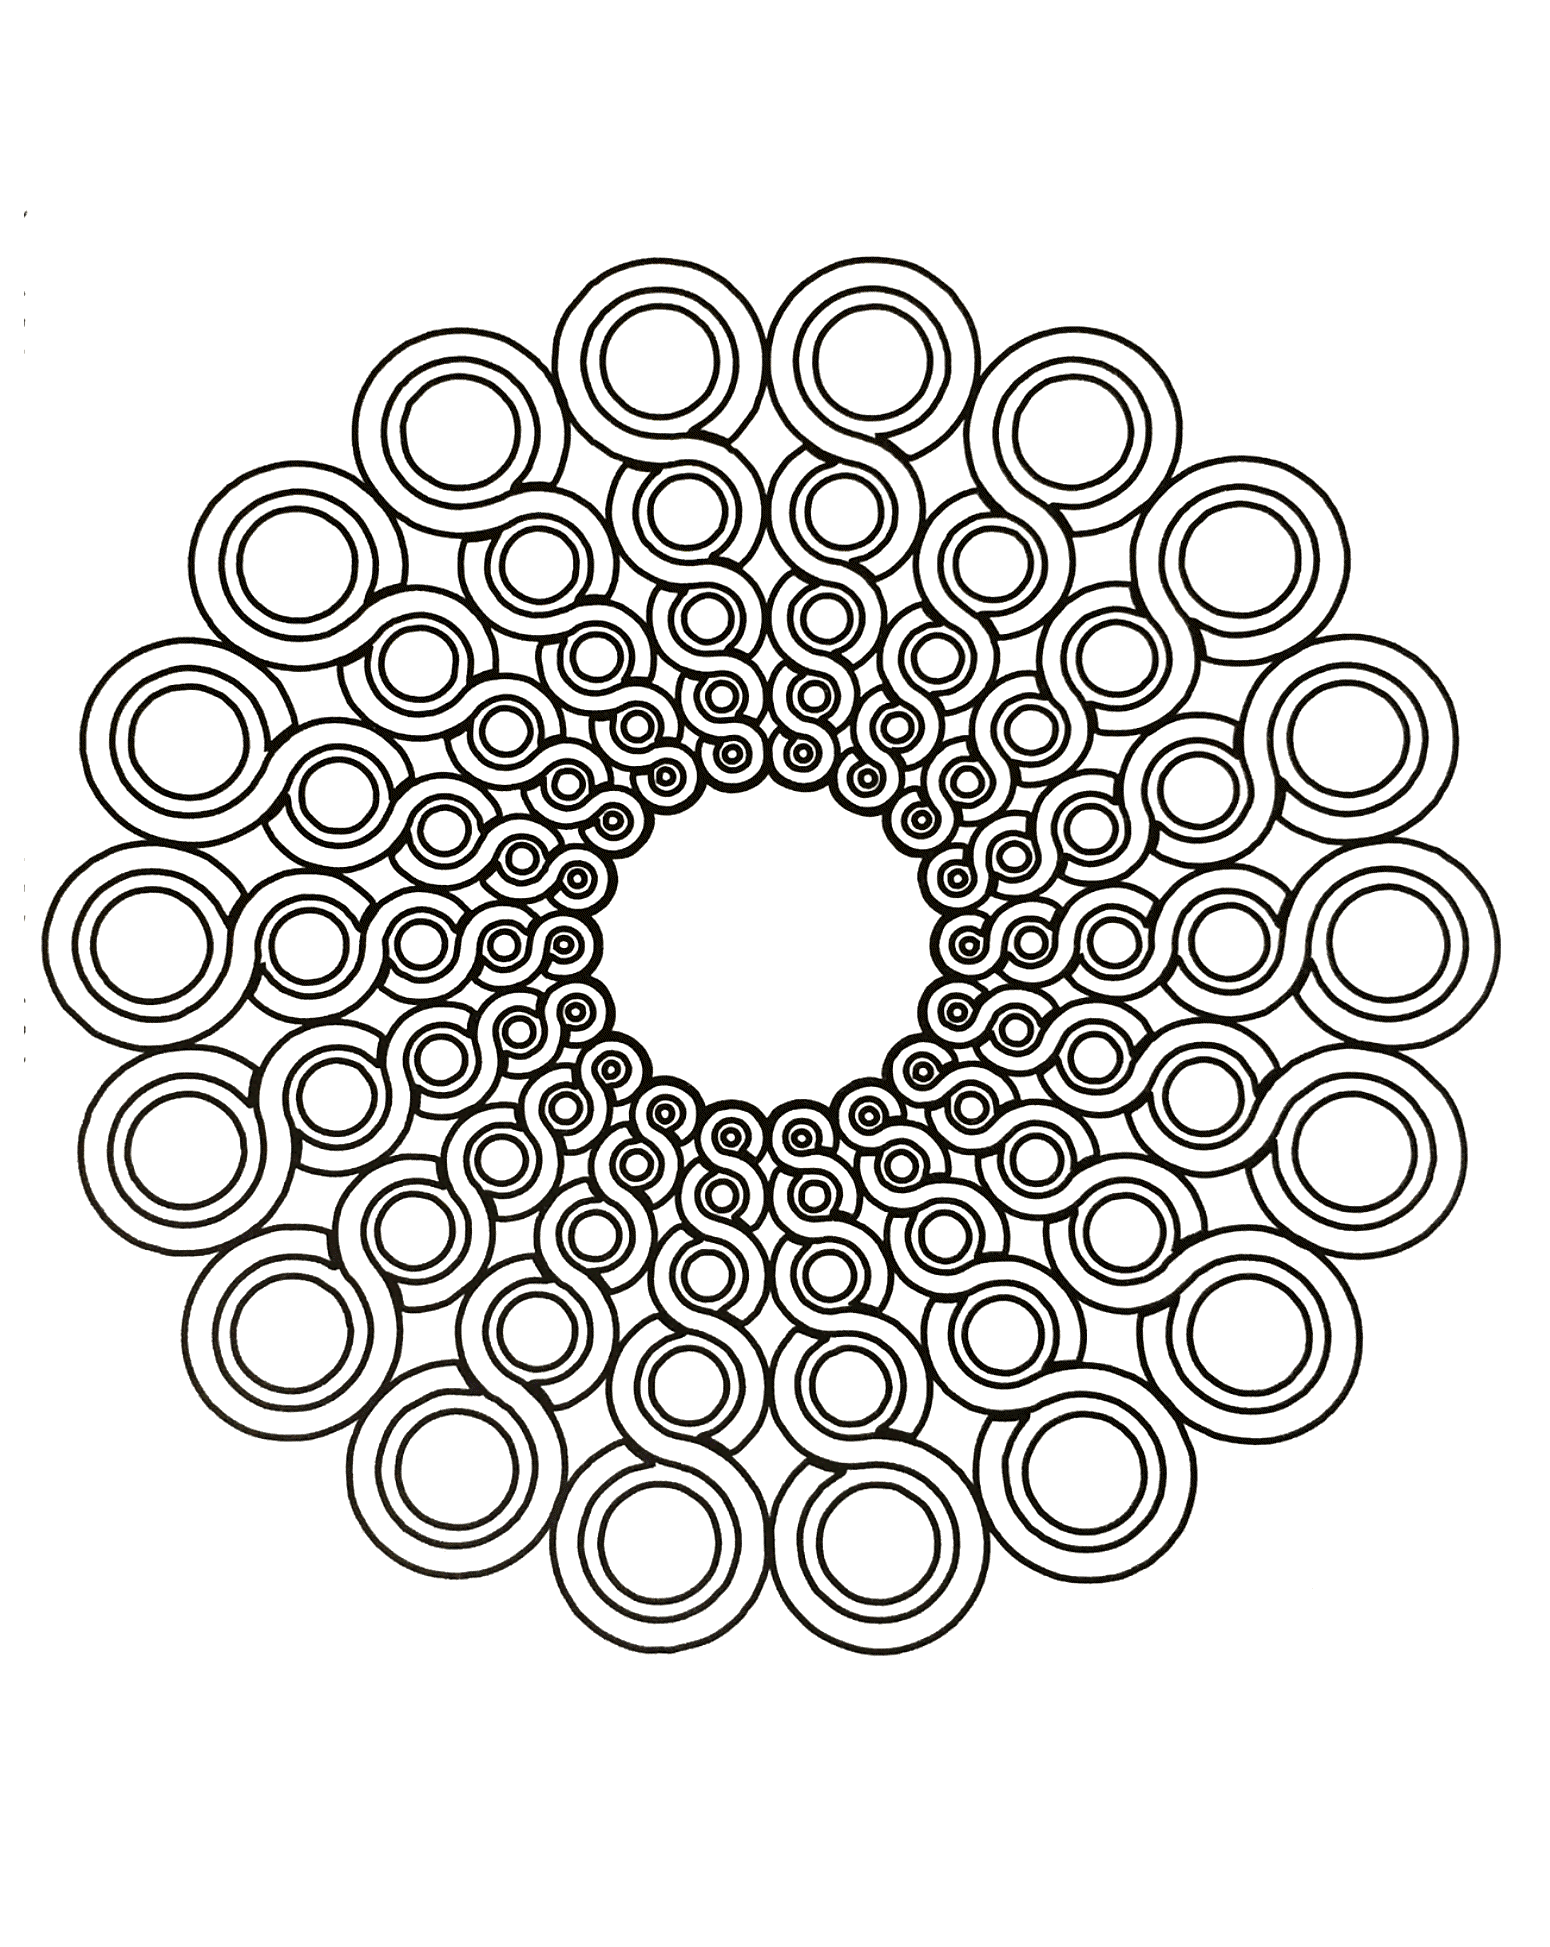 Disegni da colorare per adulti : Mandalas - 68